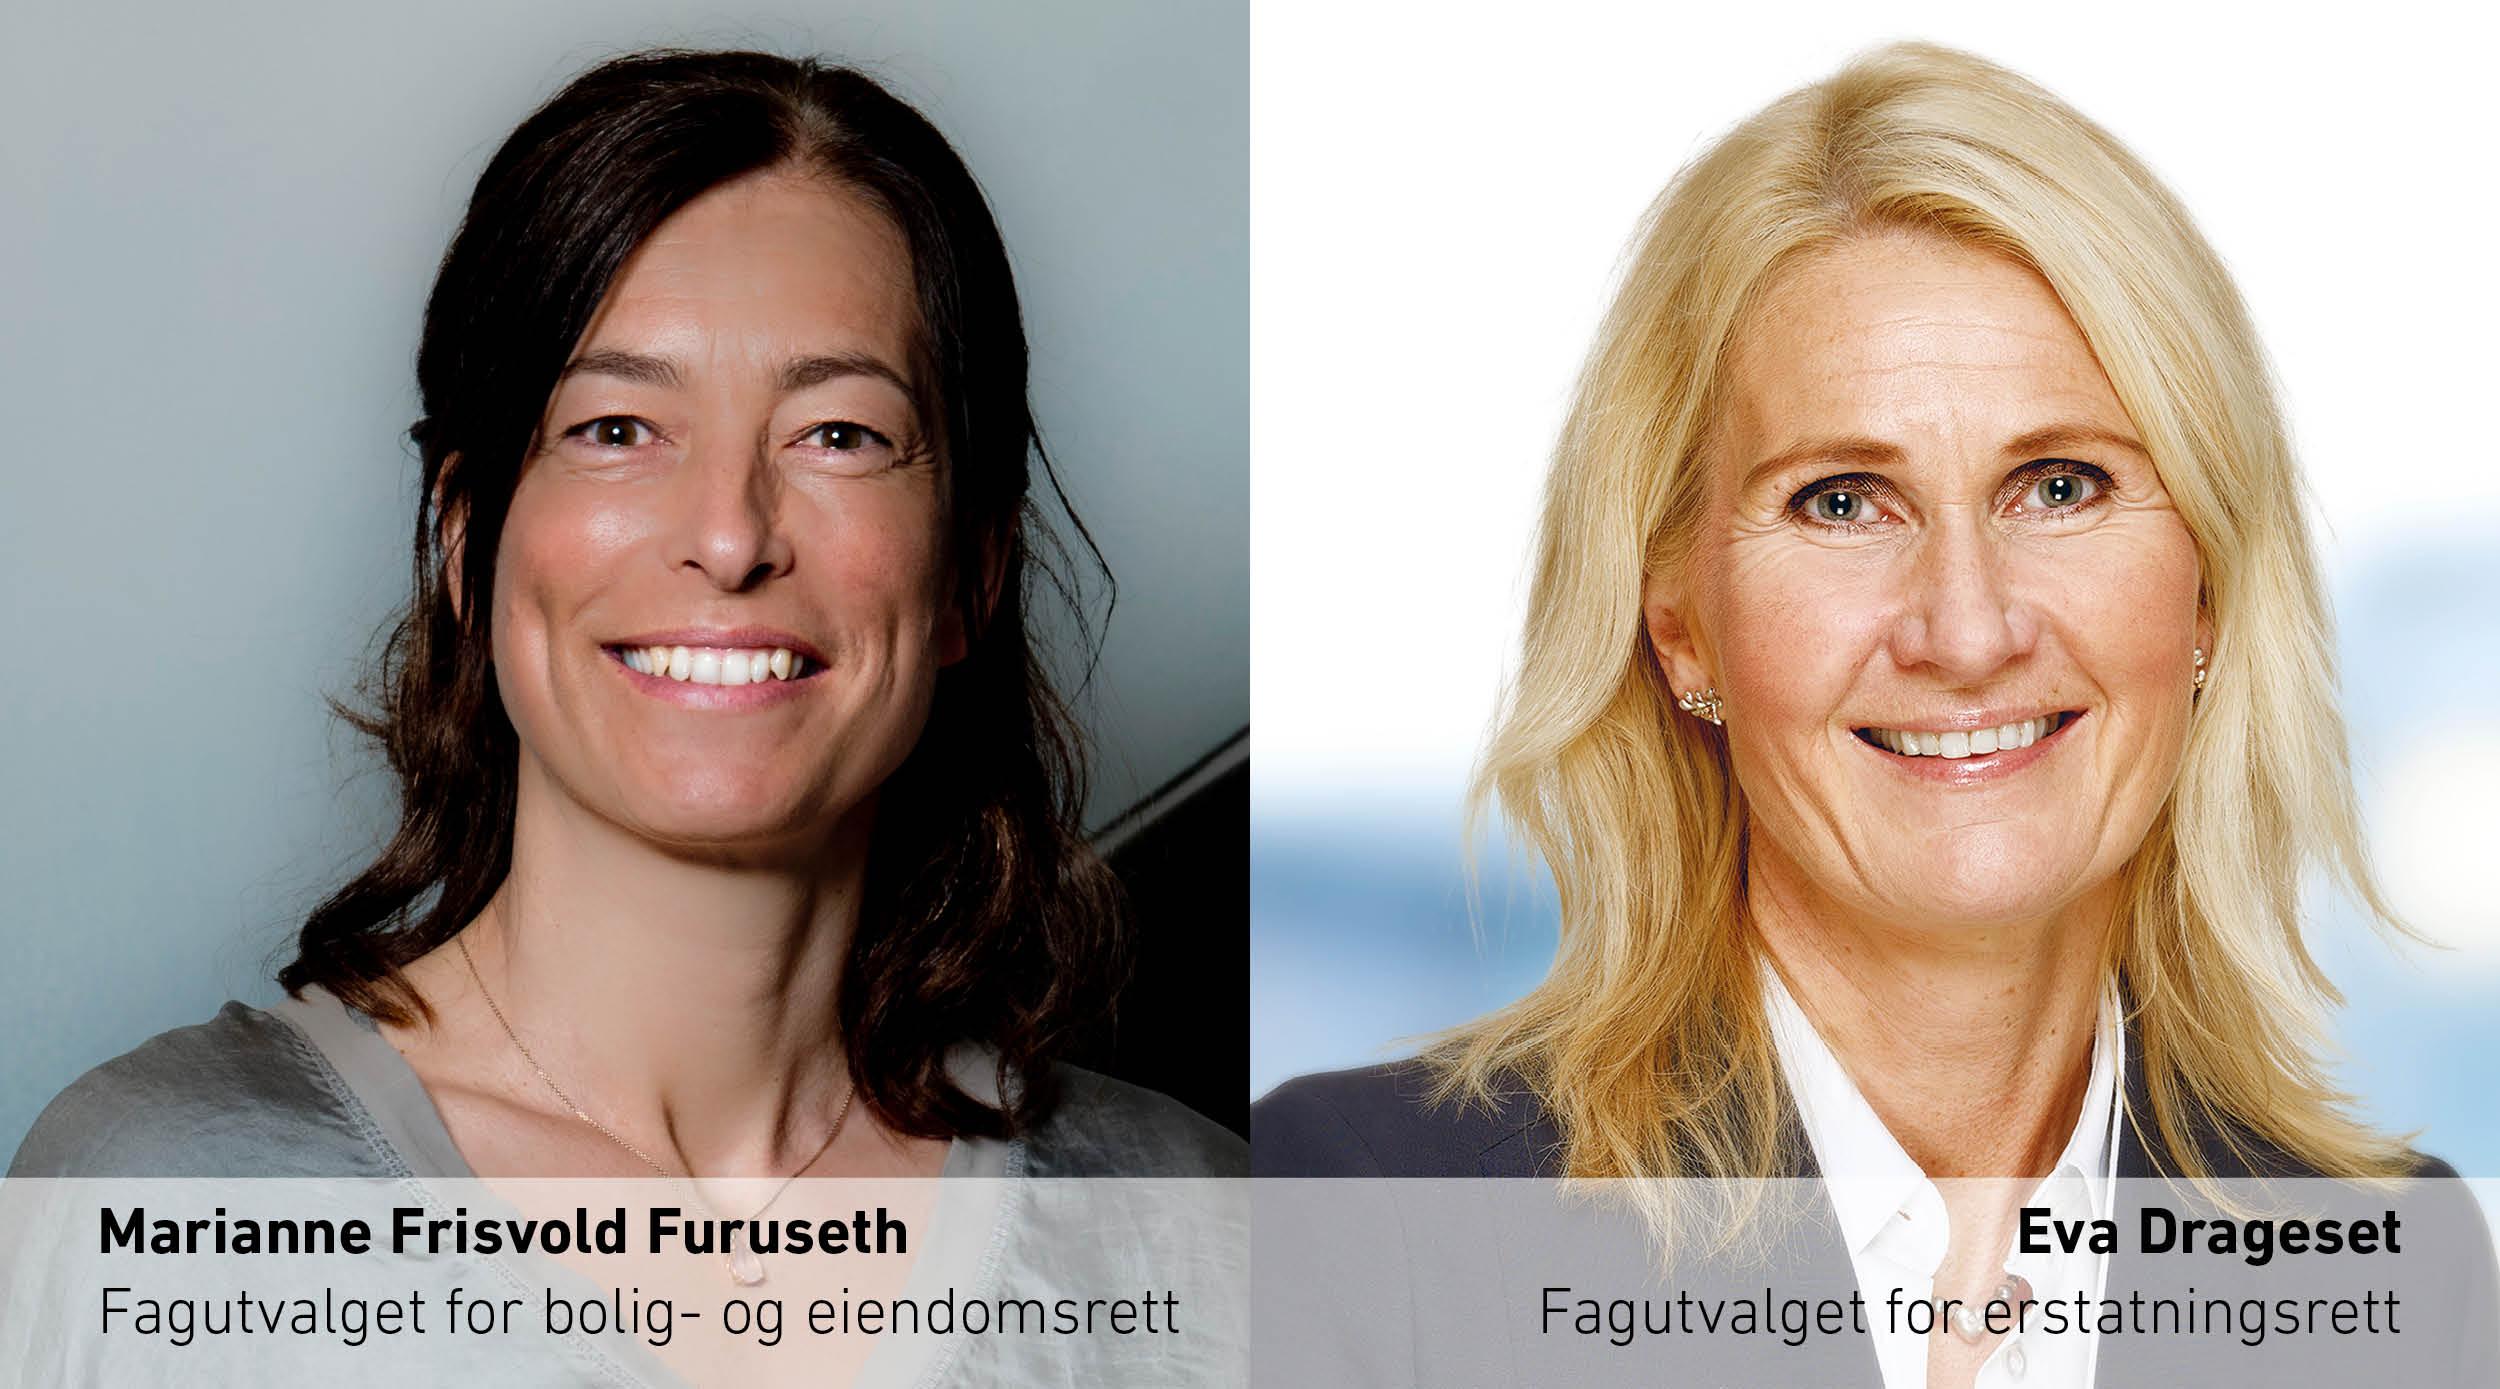 Bilde av fagutvalgsmedlemmene Marianne Furuseth og Eva Drageset